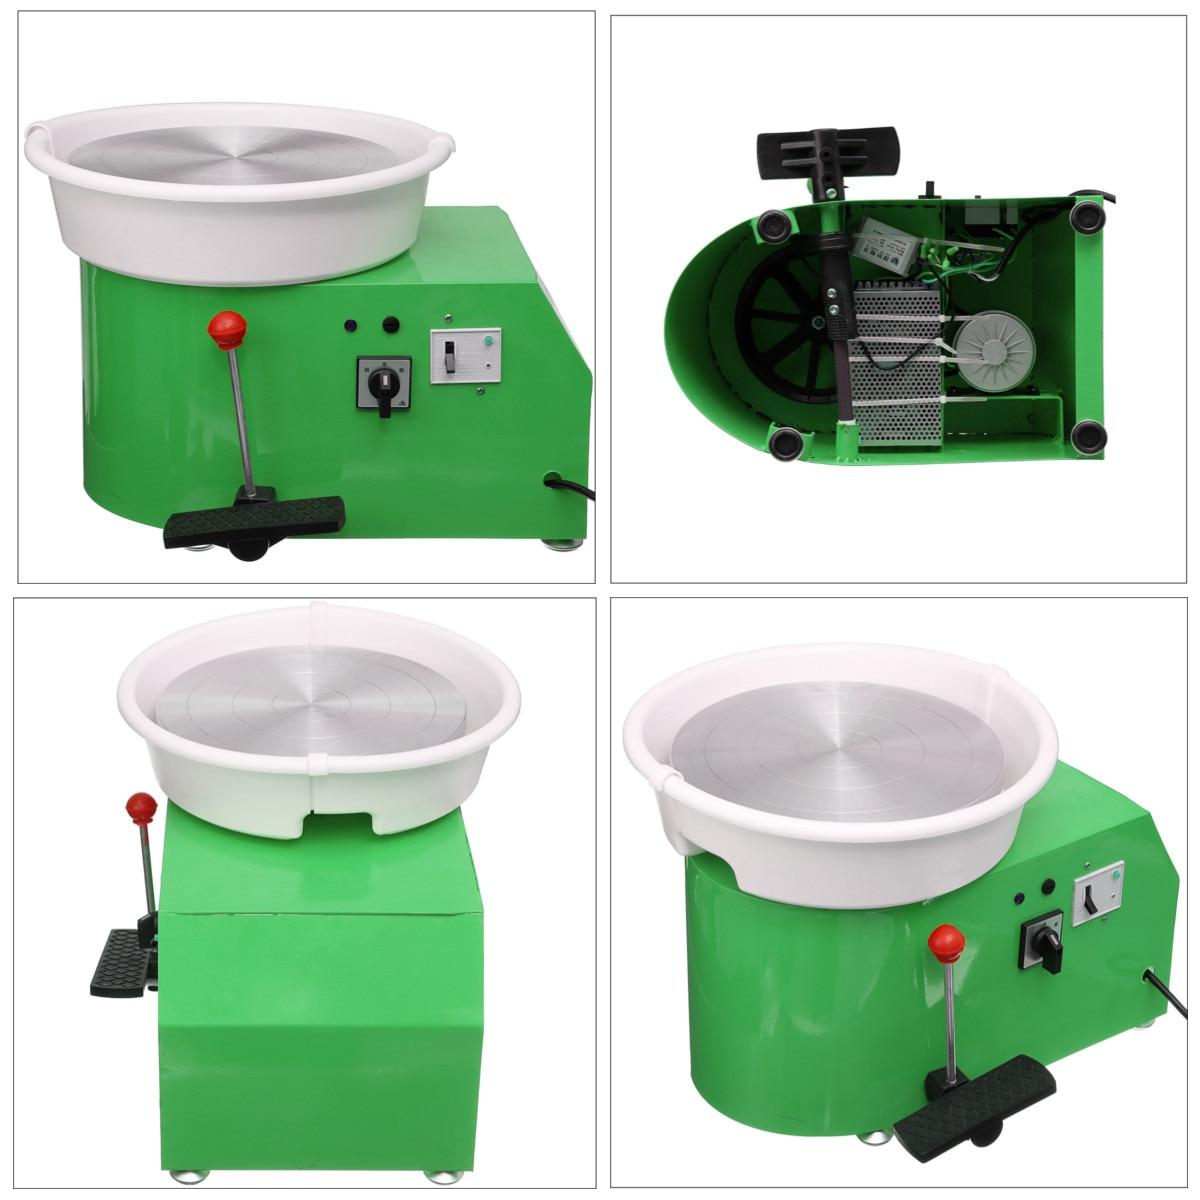 Tour De potier Machine 32 cm 220 V 350 W à manivelle et pédale contrôle Travail En Céramique Argile Art Avec Mobile lisse À Faible Bruit - 5